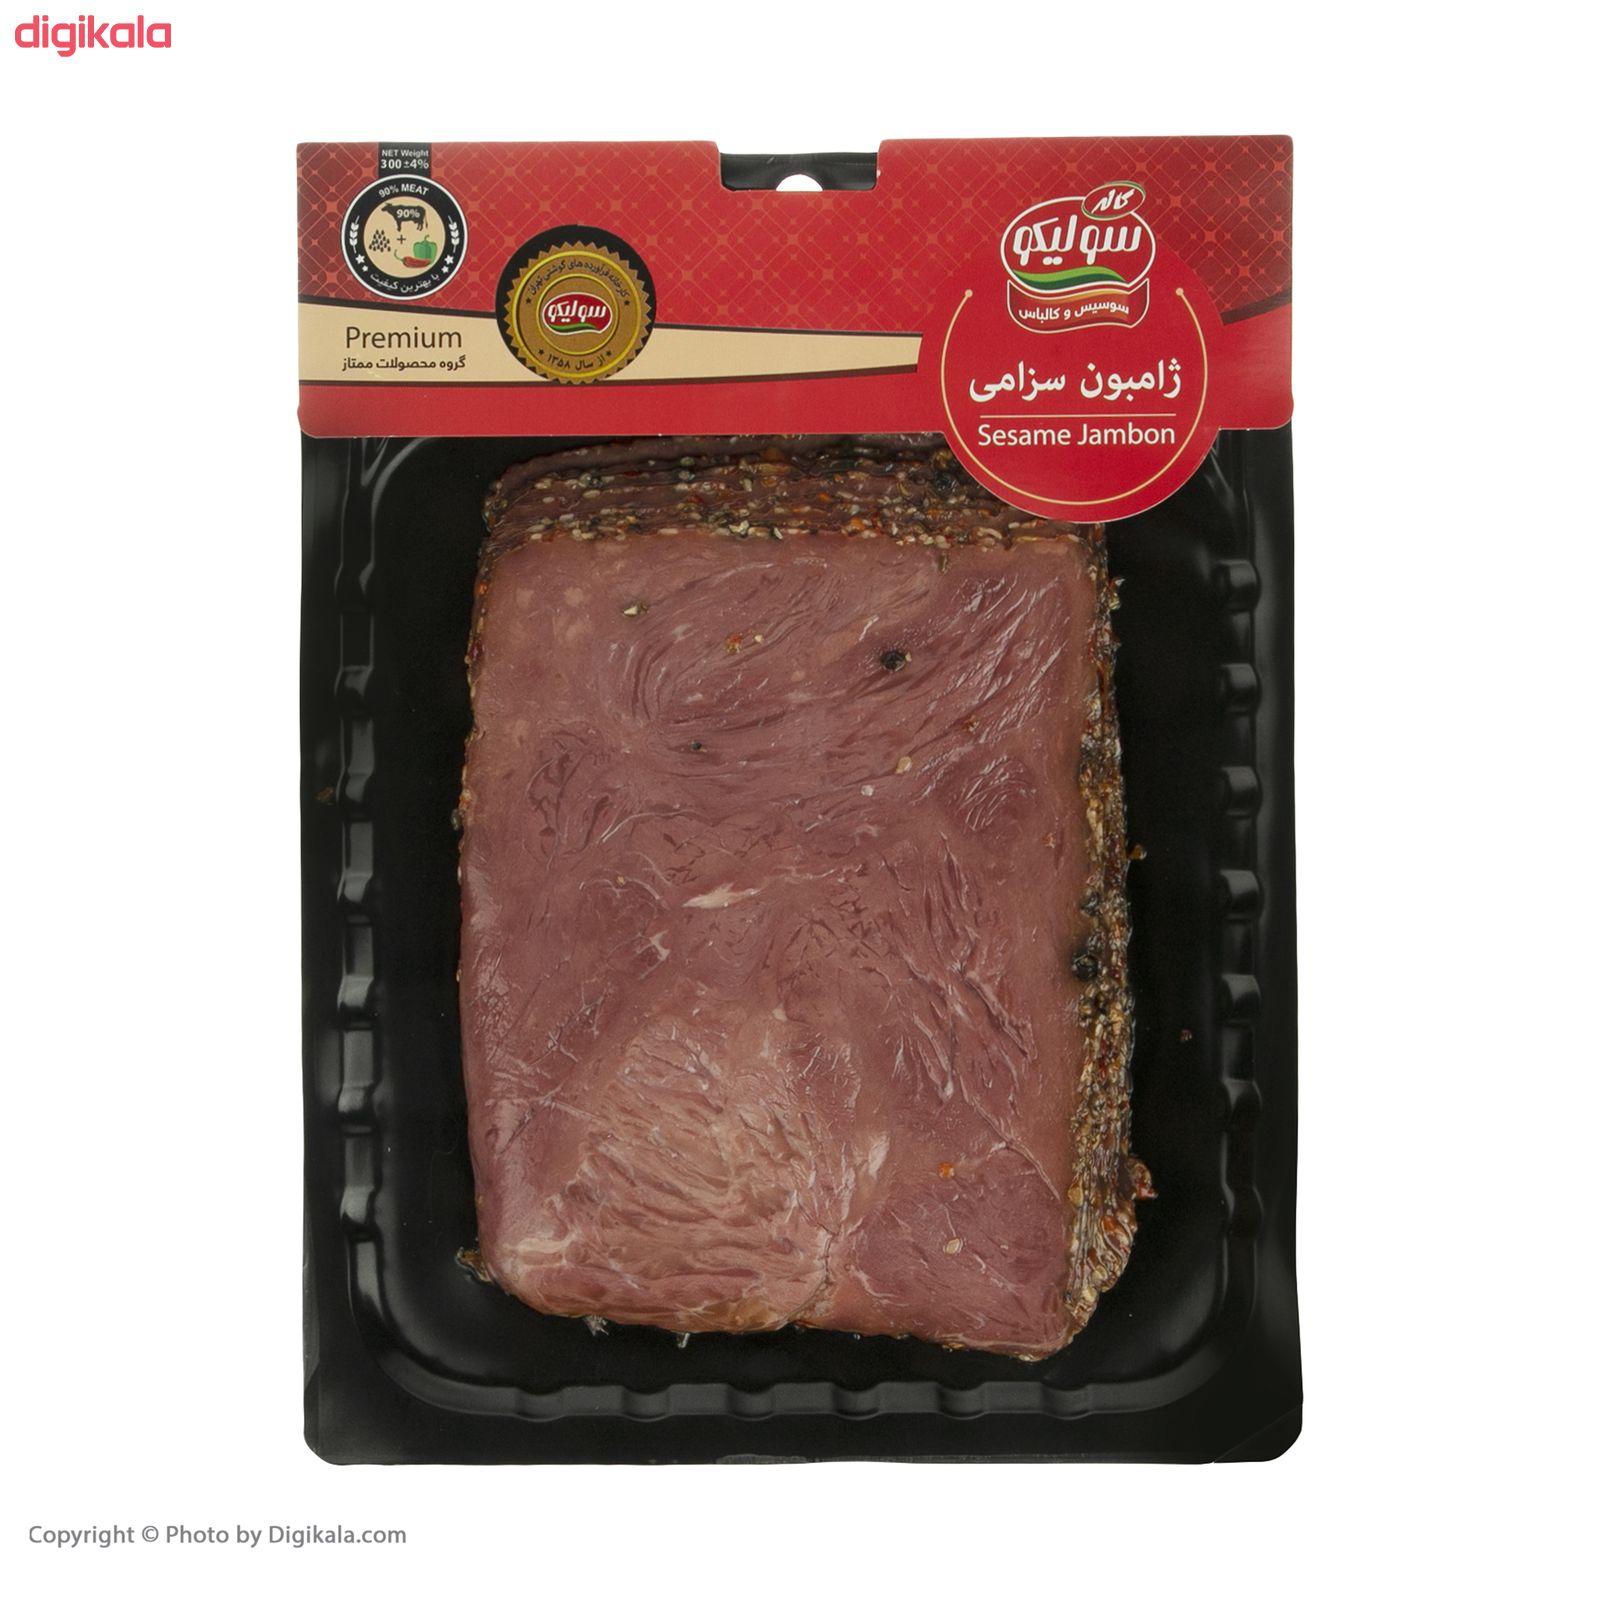 ژامبون سزامی 90 درصد گوشت قرمز سولیکو - 300 گرم  main 1 3